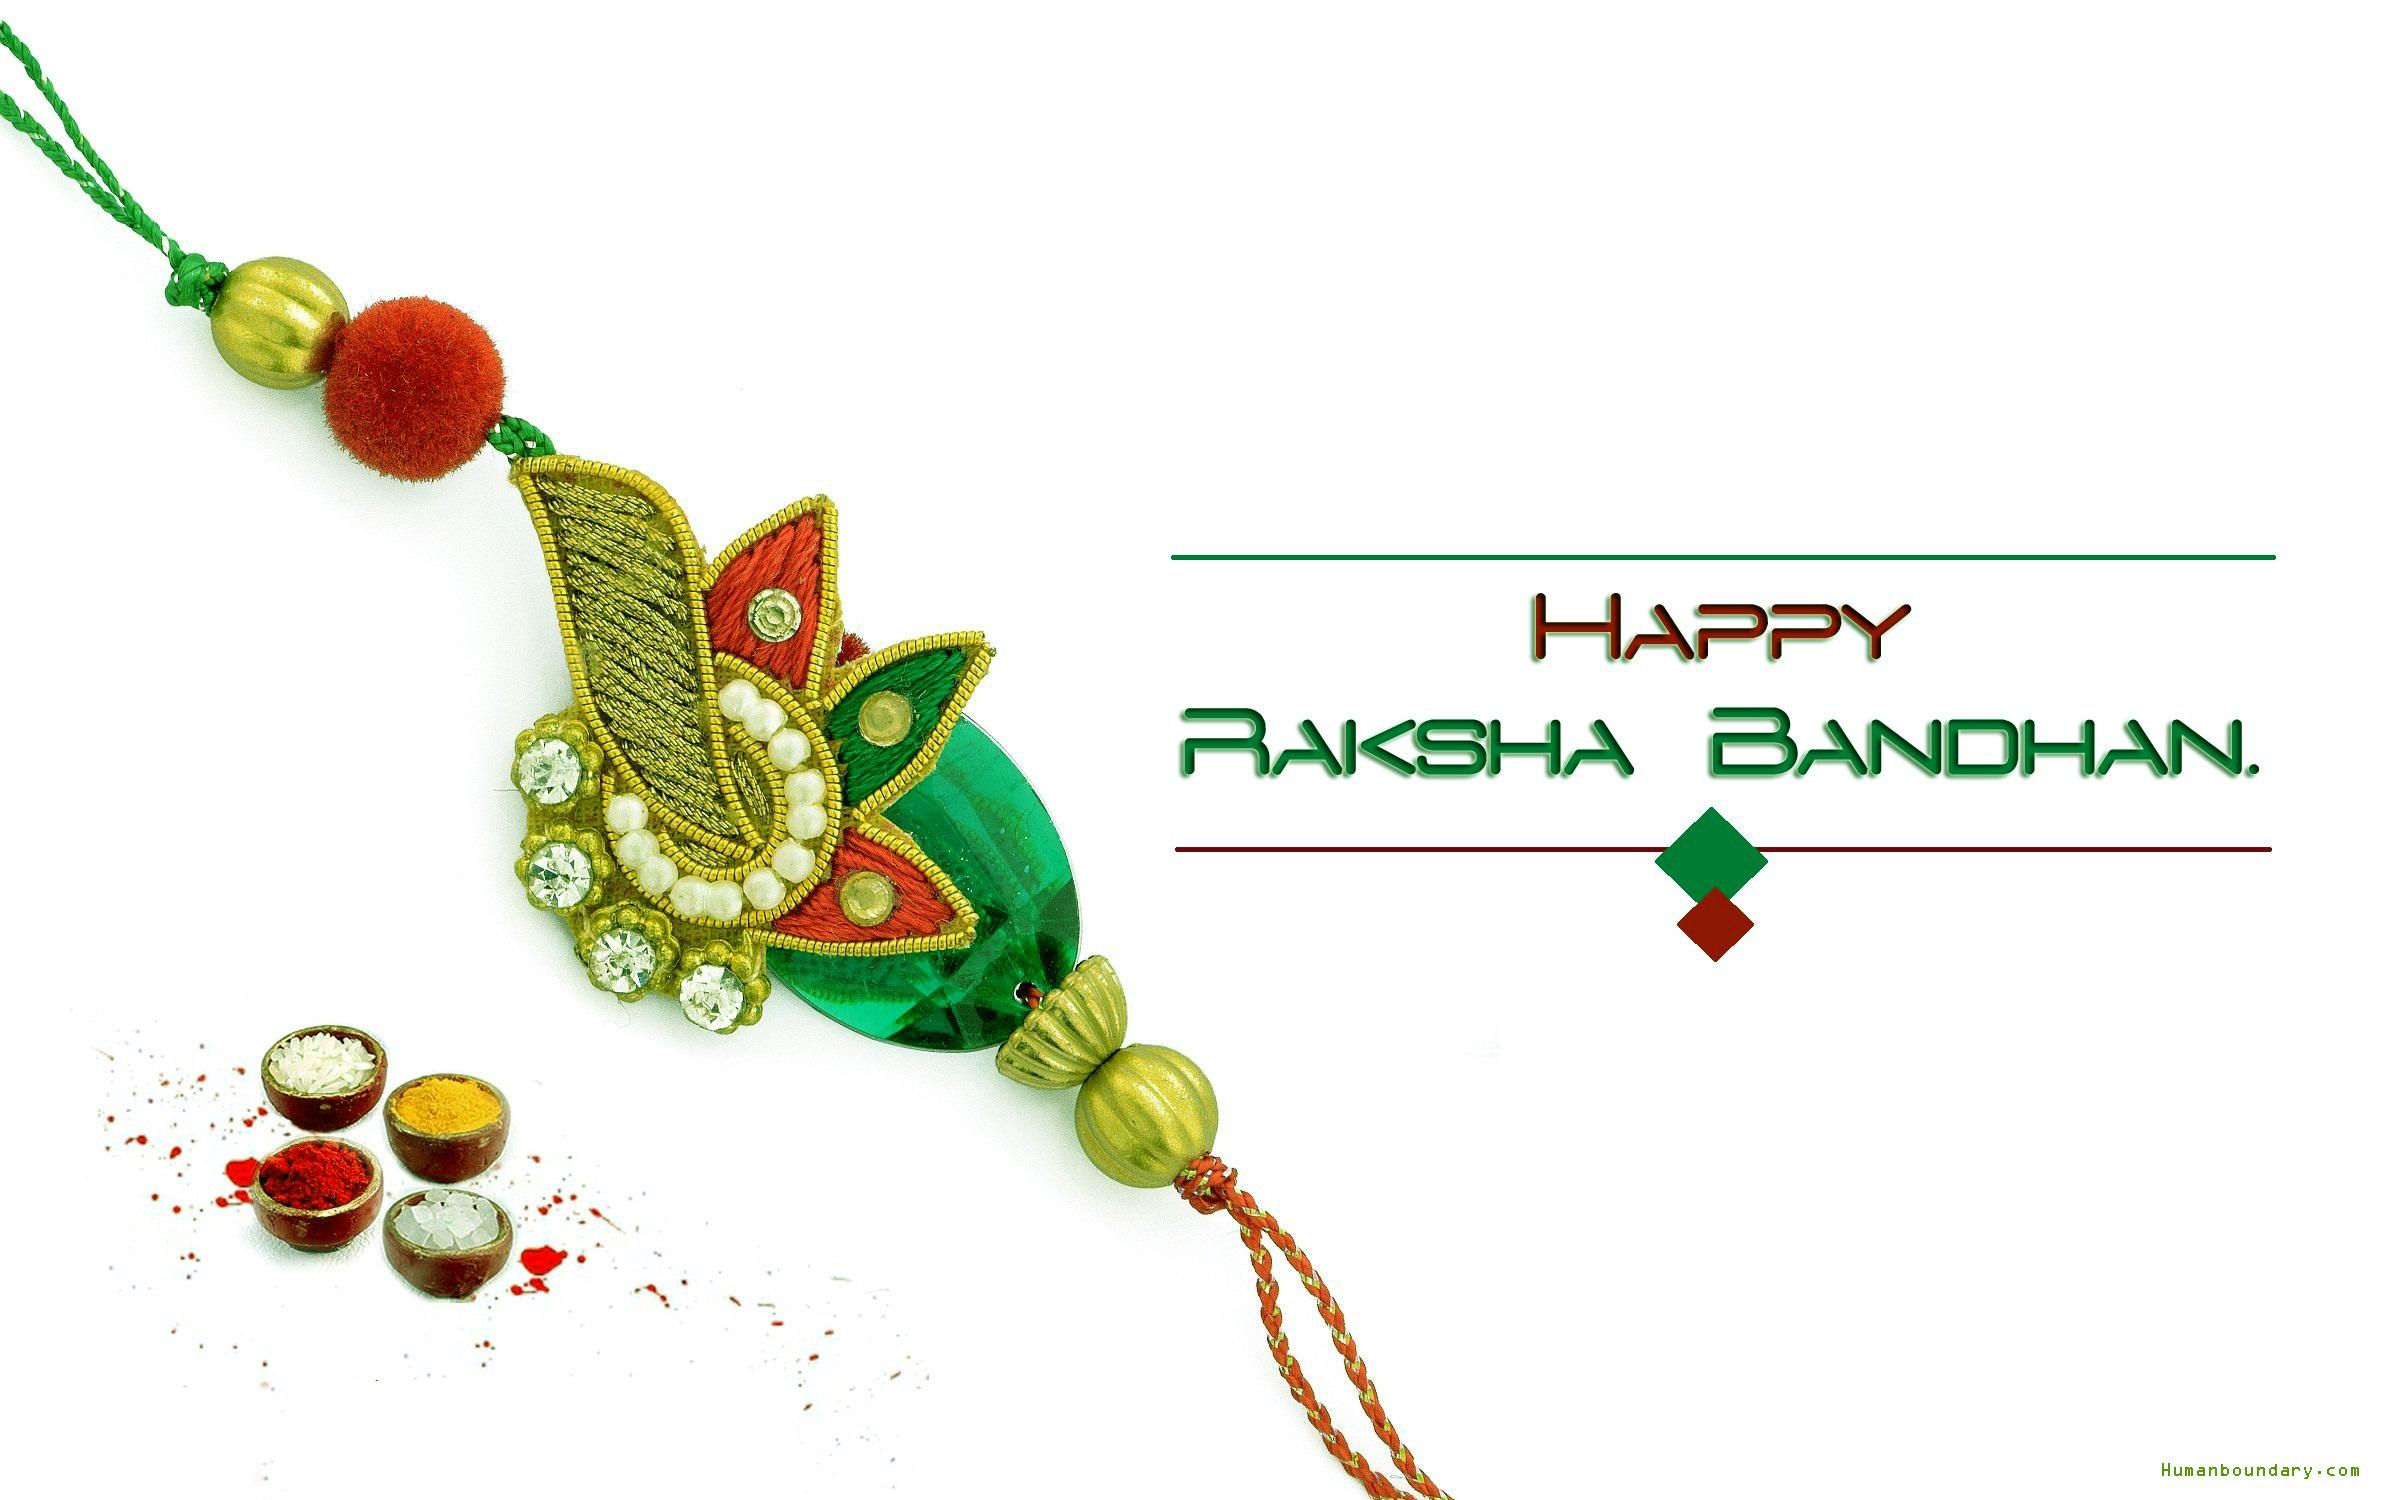 Raksha Bandhan Rakhi images, pictures 2015